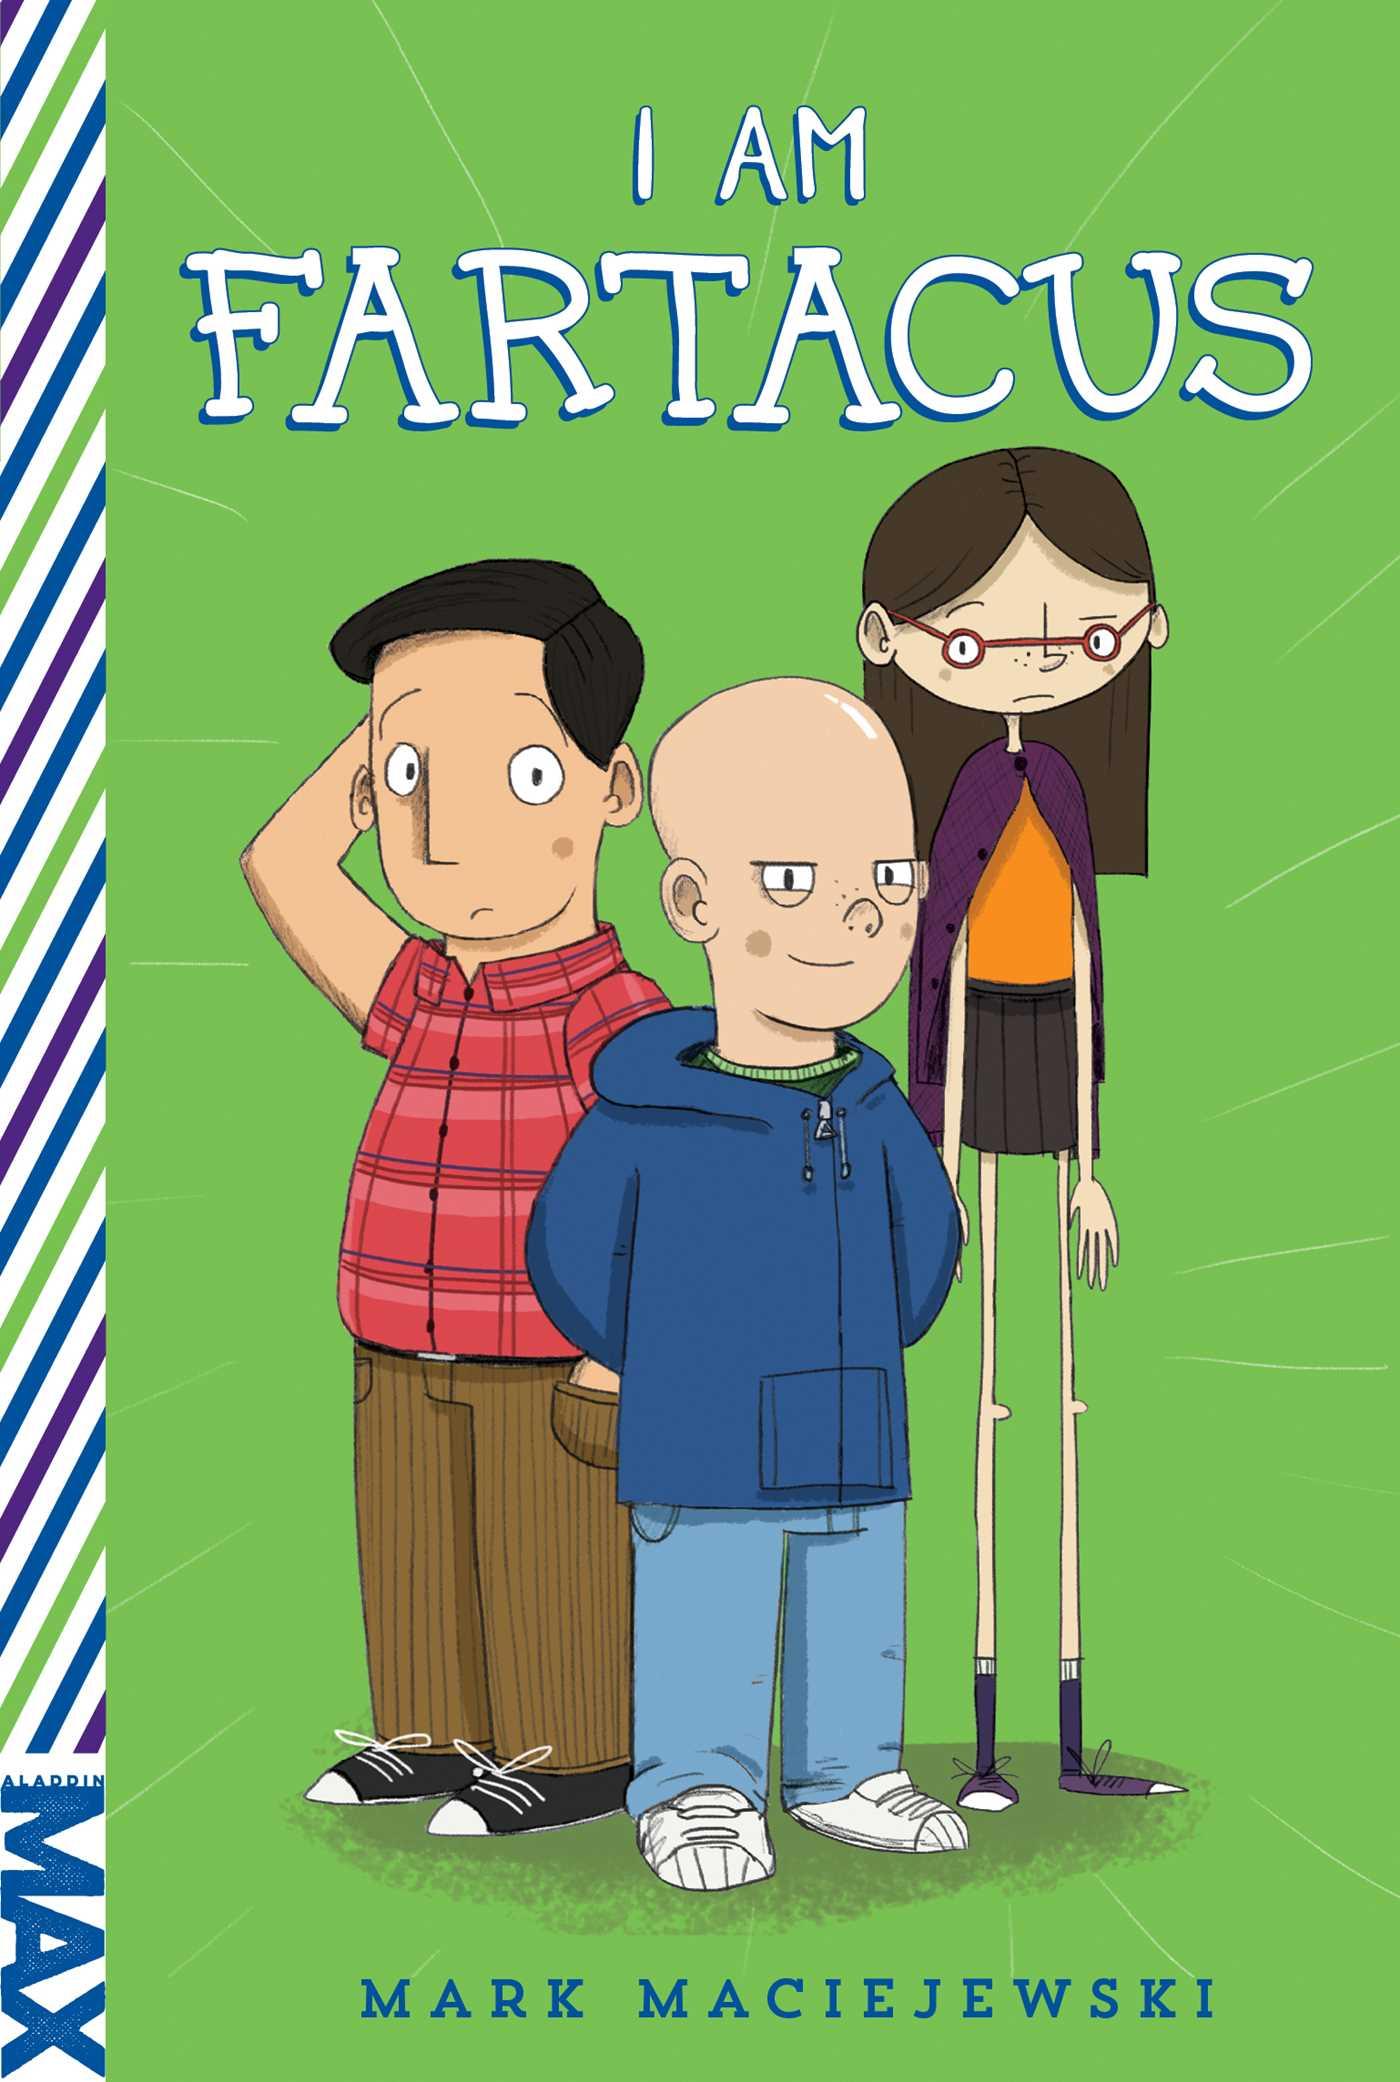 I am fartacus 9781481464192 hr